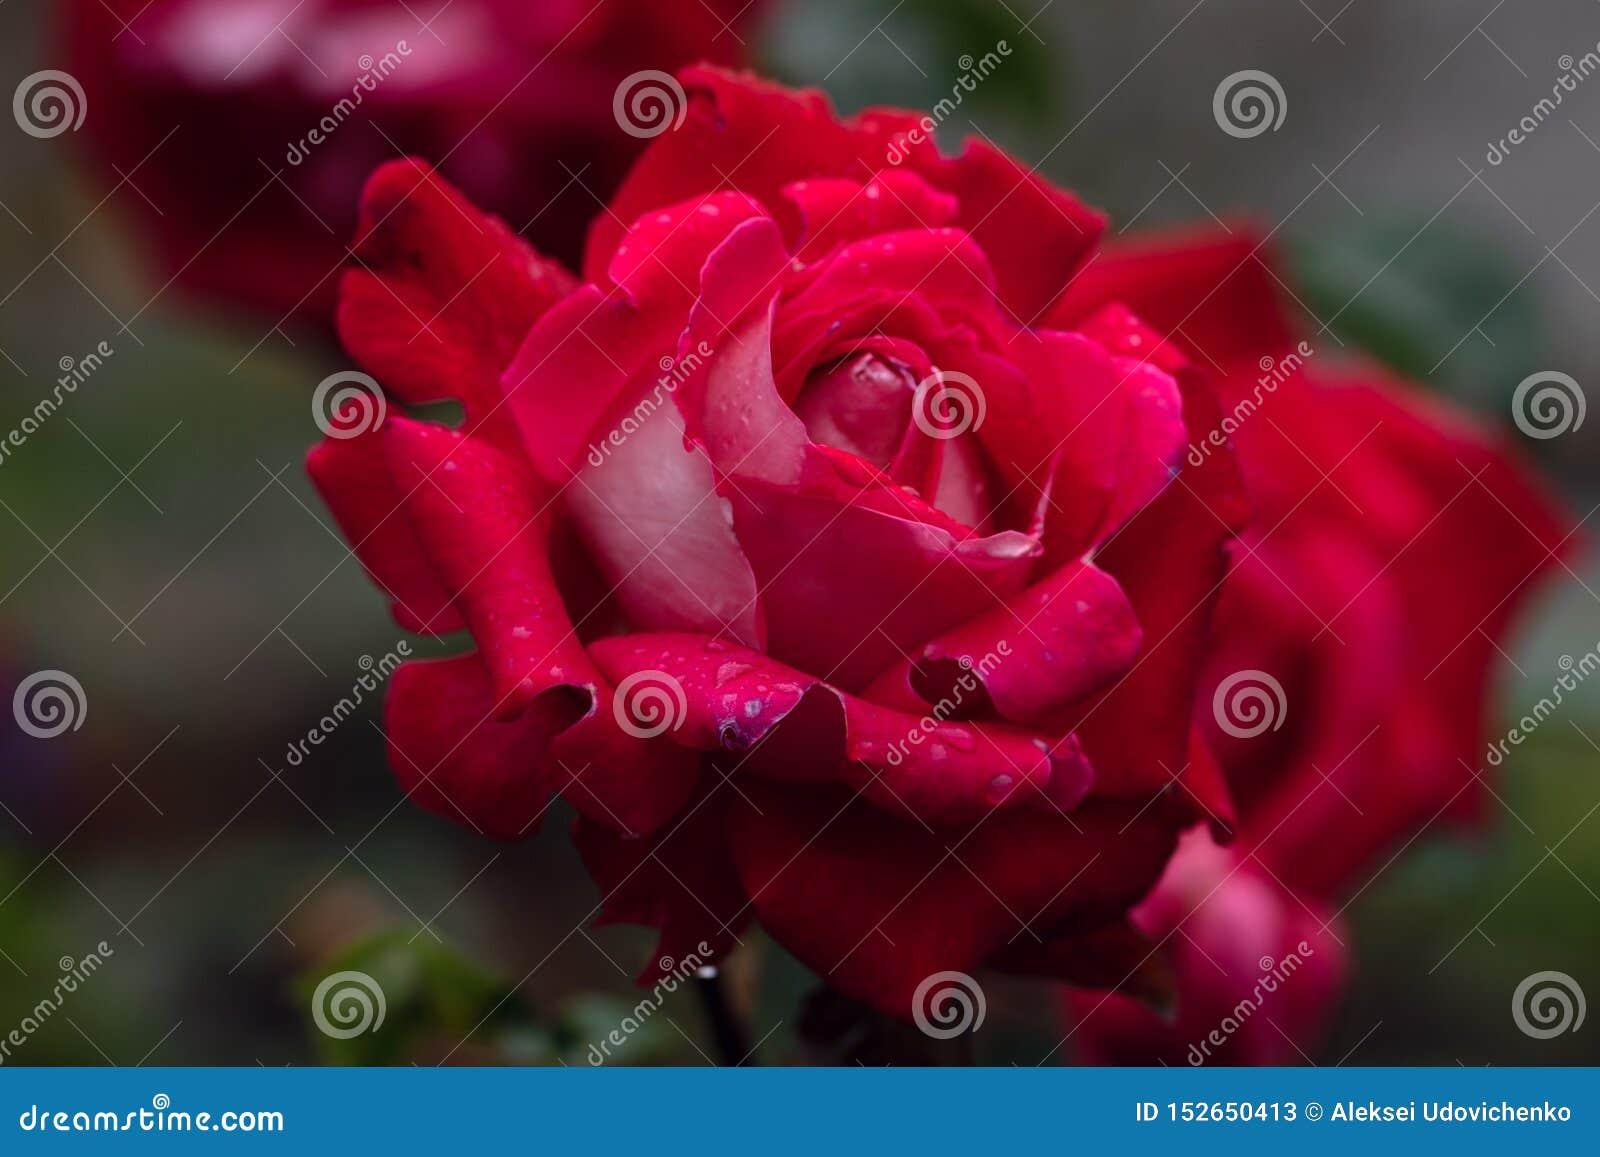 Macro colpo della rosa rossa nel fuoco molle